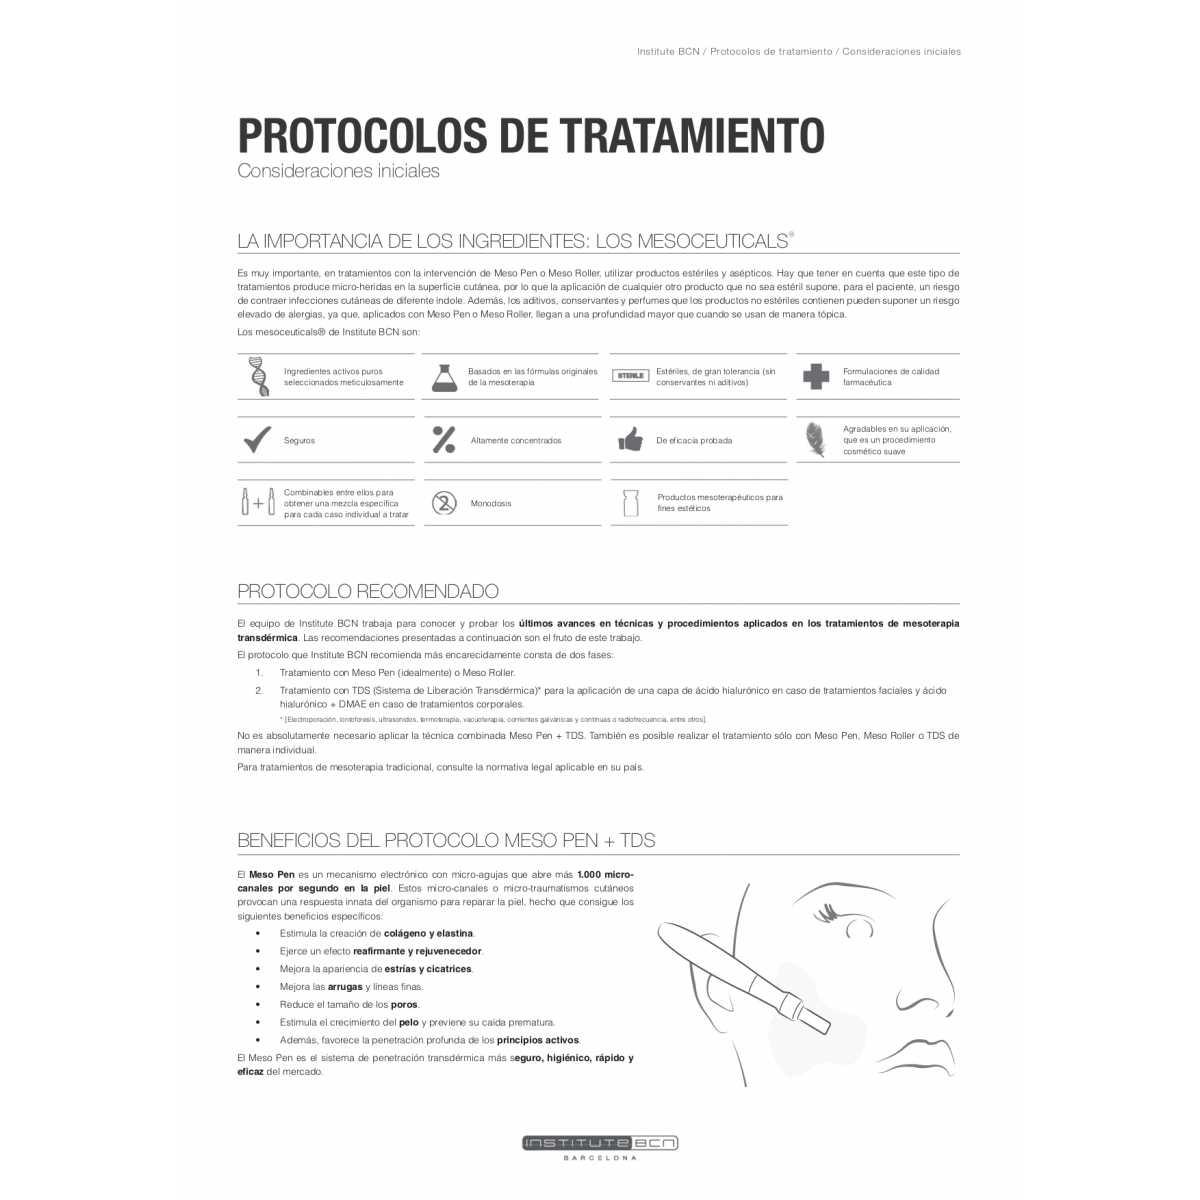 Virtuel la mésothérapie sans aiguilles + Ultrasons - La mésothérapie virtuelle -